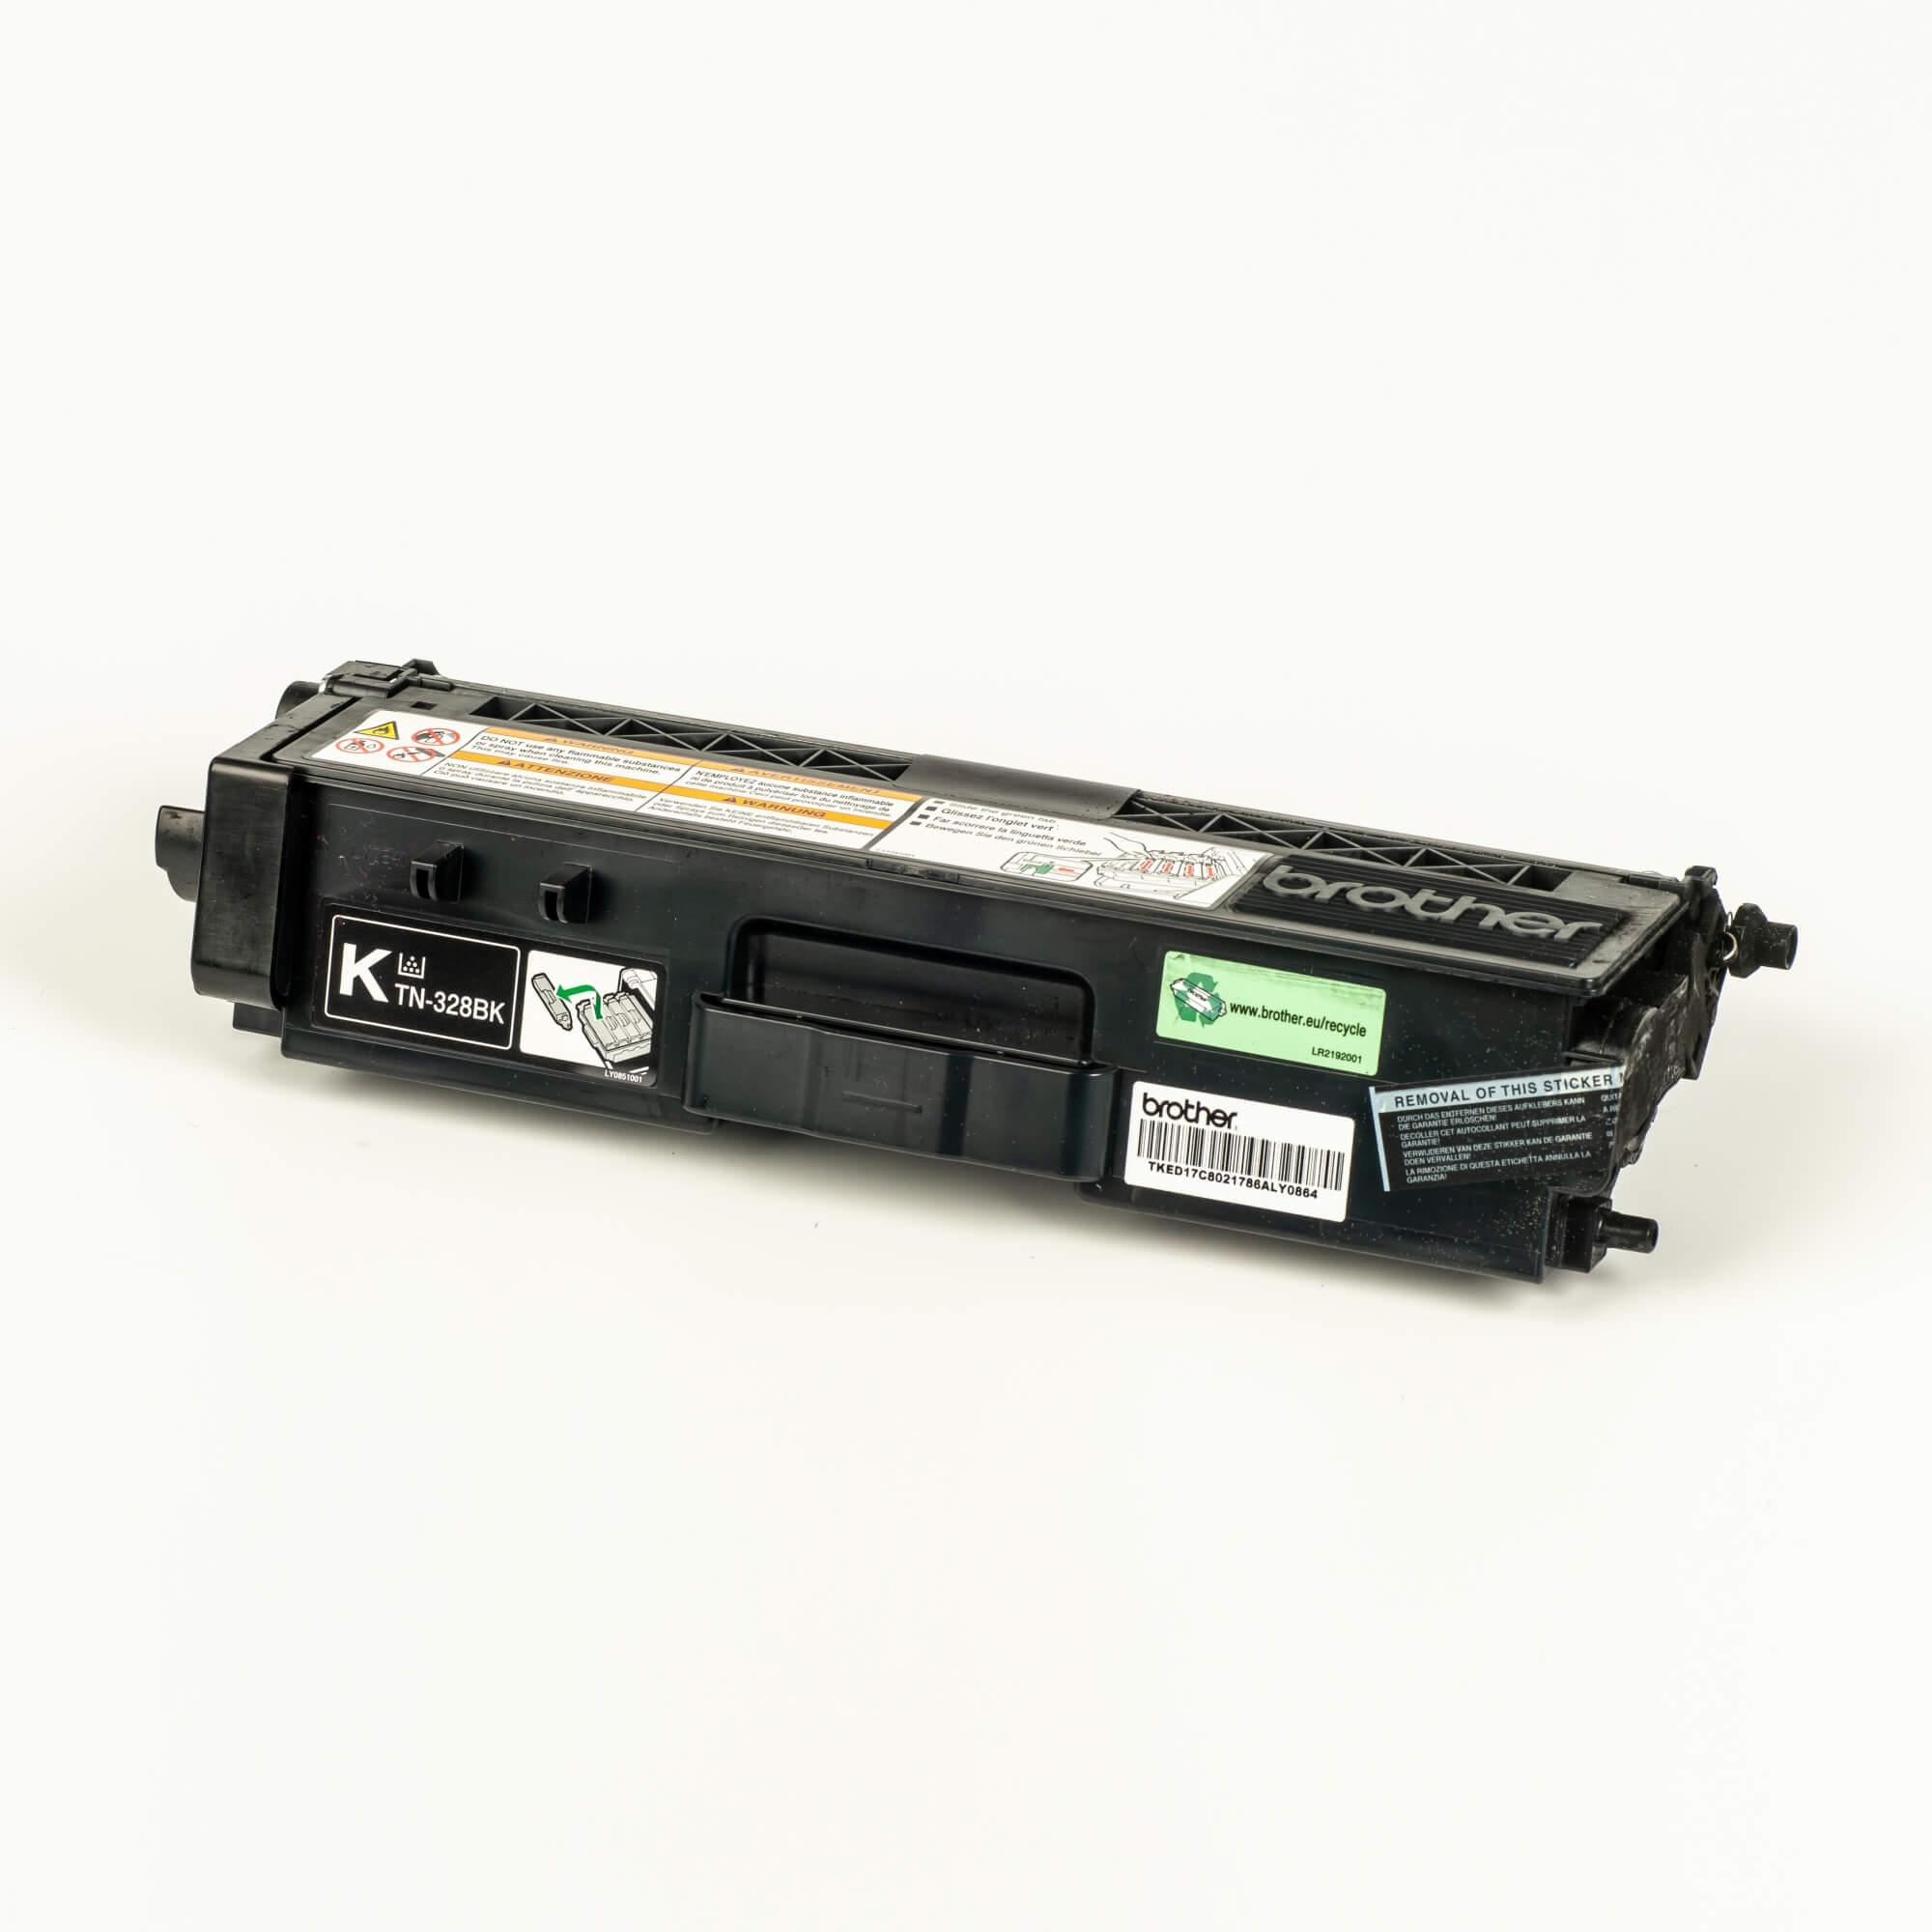 Auf dem Bild sehen Sie eine Brother Original Super-Jumbo-Tonerkassette TN-328BK schwarz